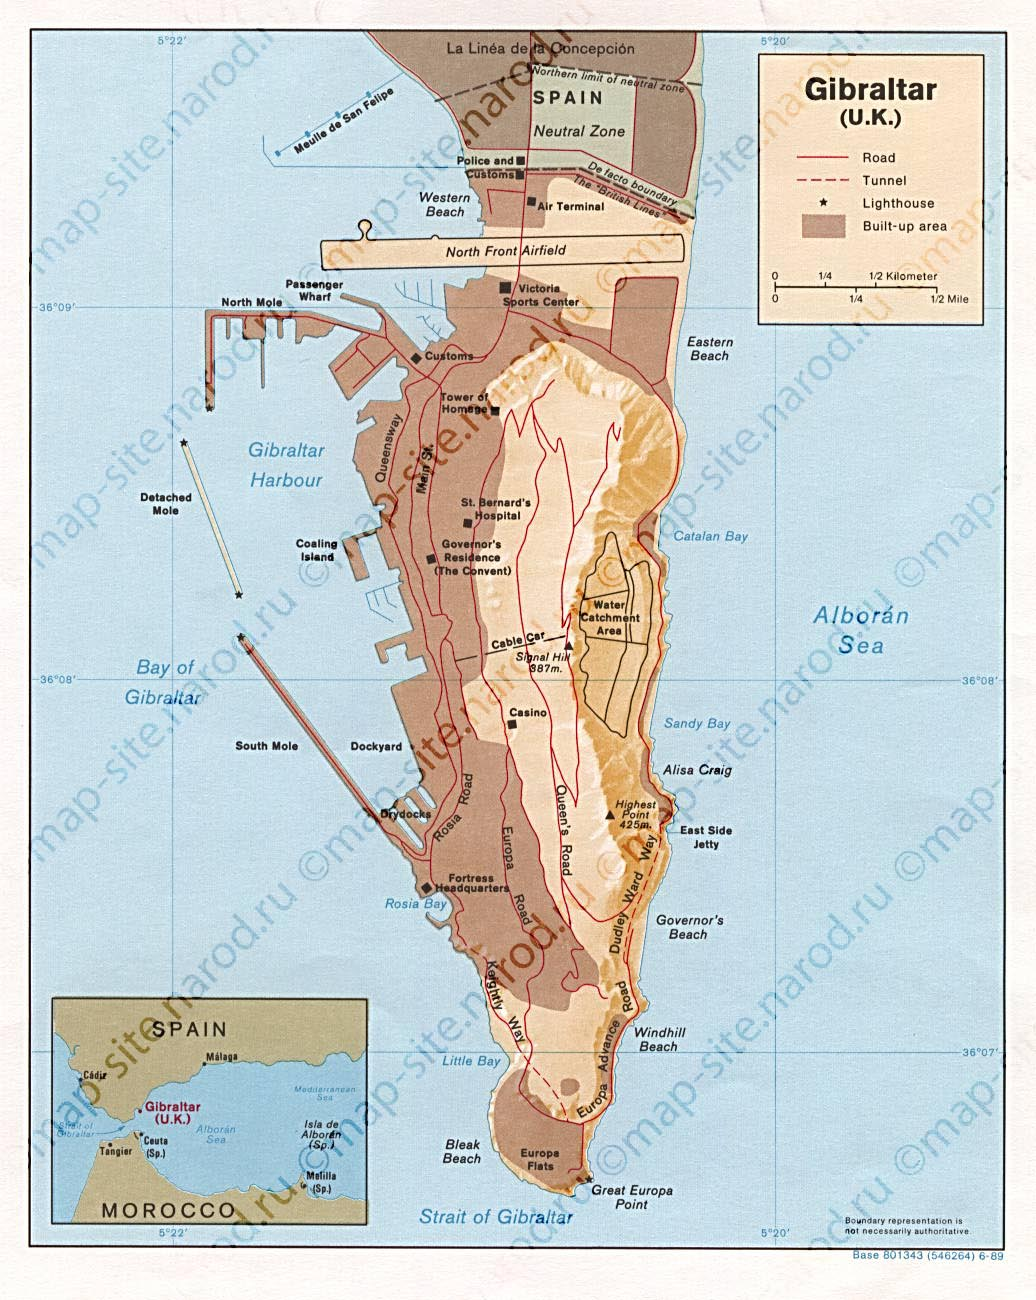 Во время Войны за Испанское наследство 1 августа 1704 года англичане (с помощью голландцев, кастати) атаковали Гибралтар.